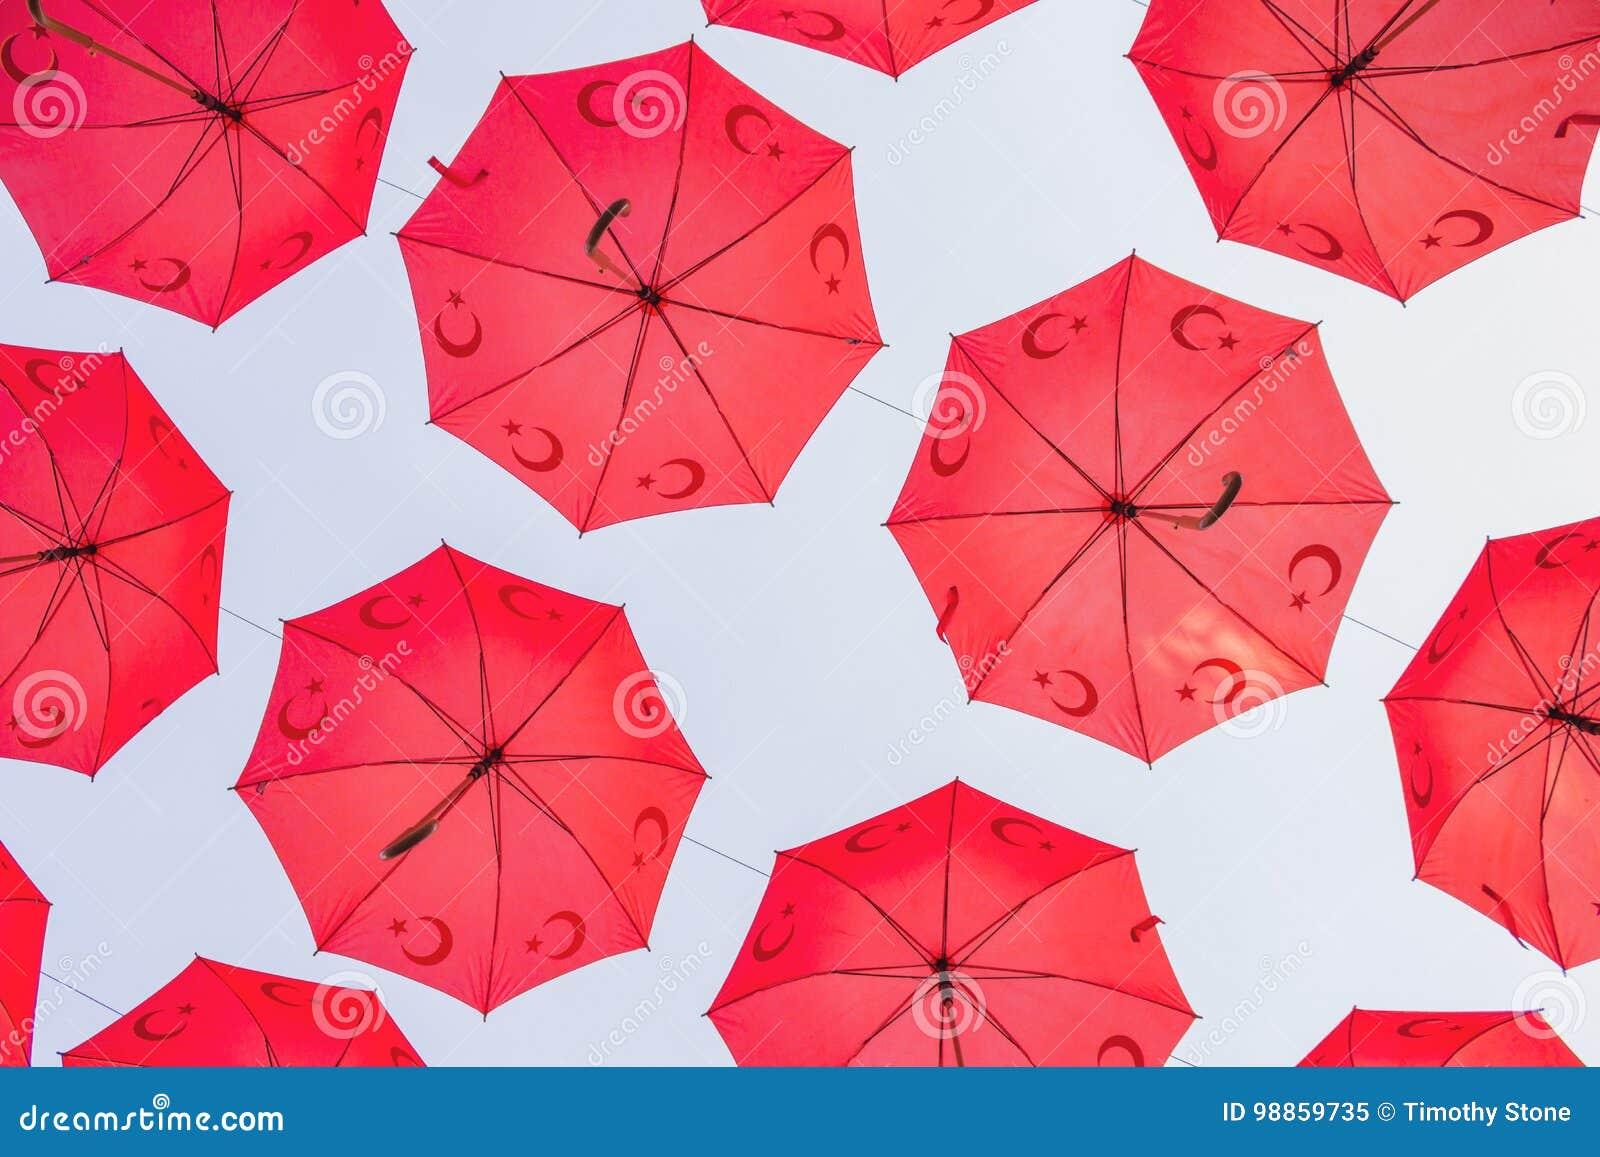 Czerwoni Tureccy parasole zawiązujący nad ulica